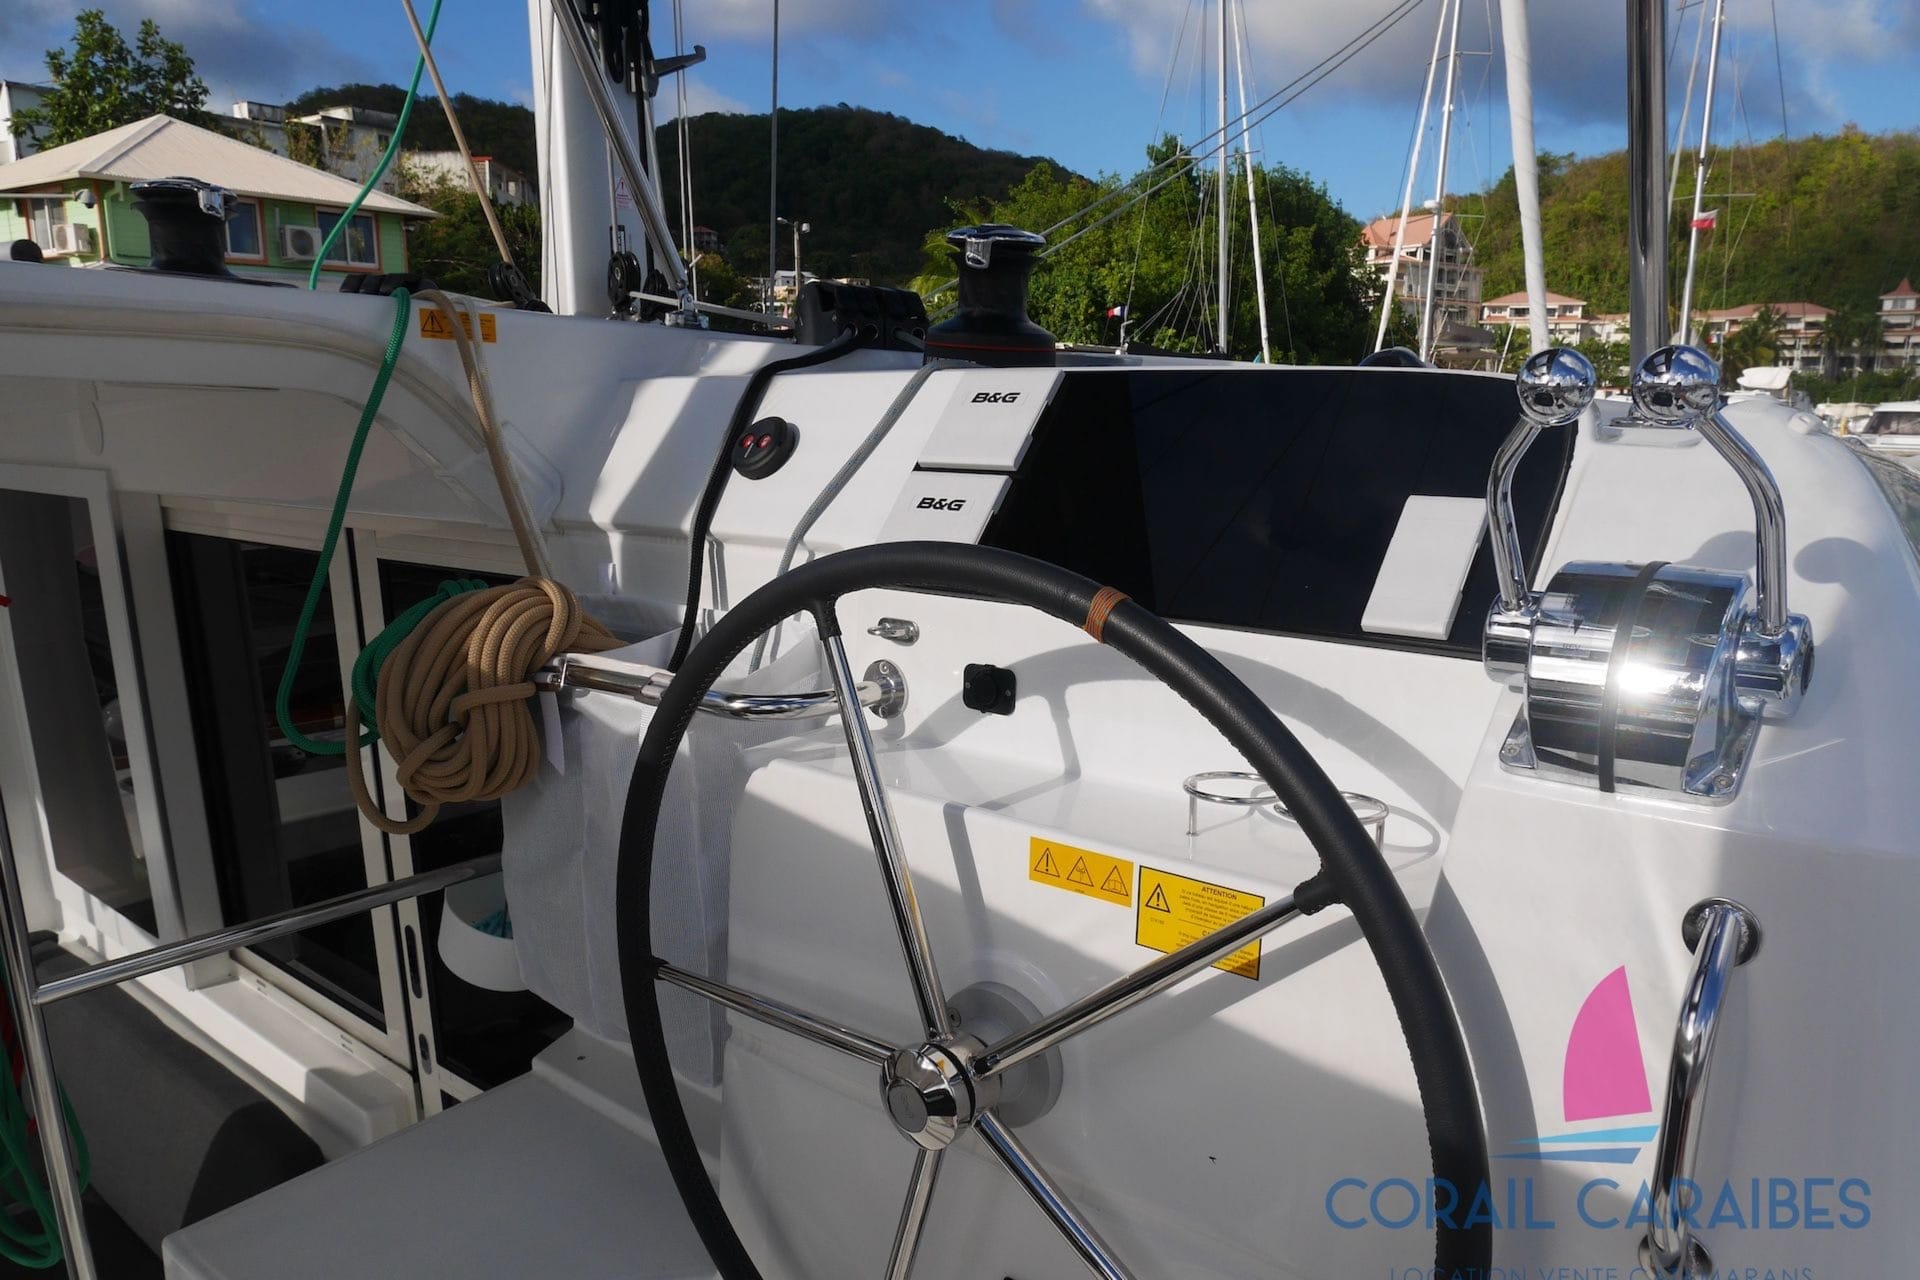 Lagoon-40-Corail-Caraibes-3